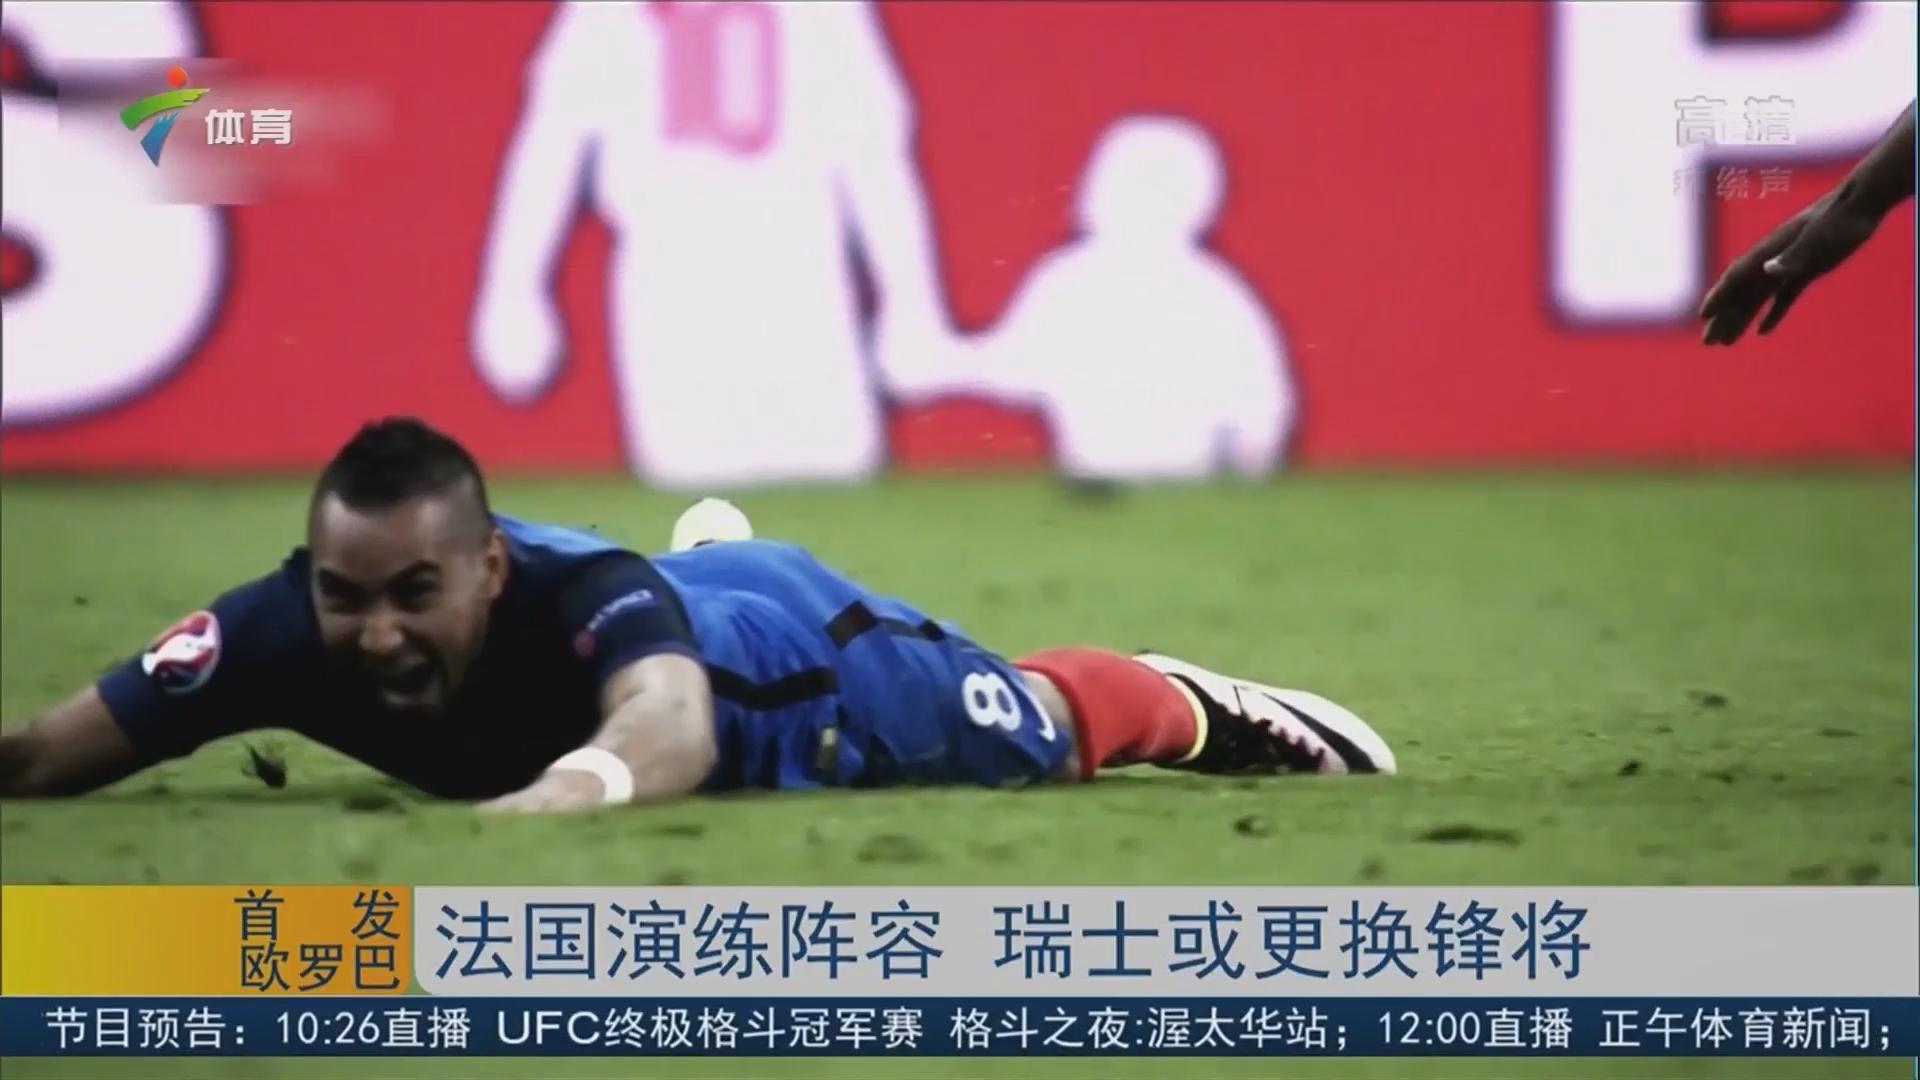 法国演练阵容 瑞士或更换锋将